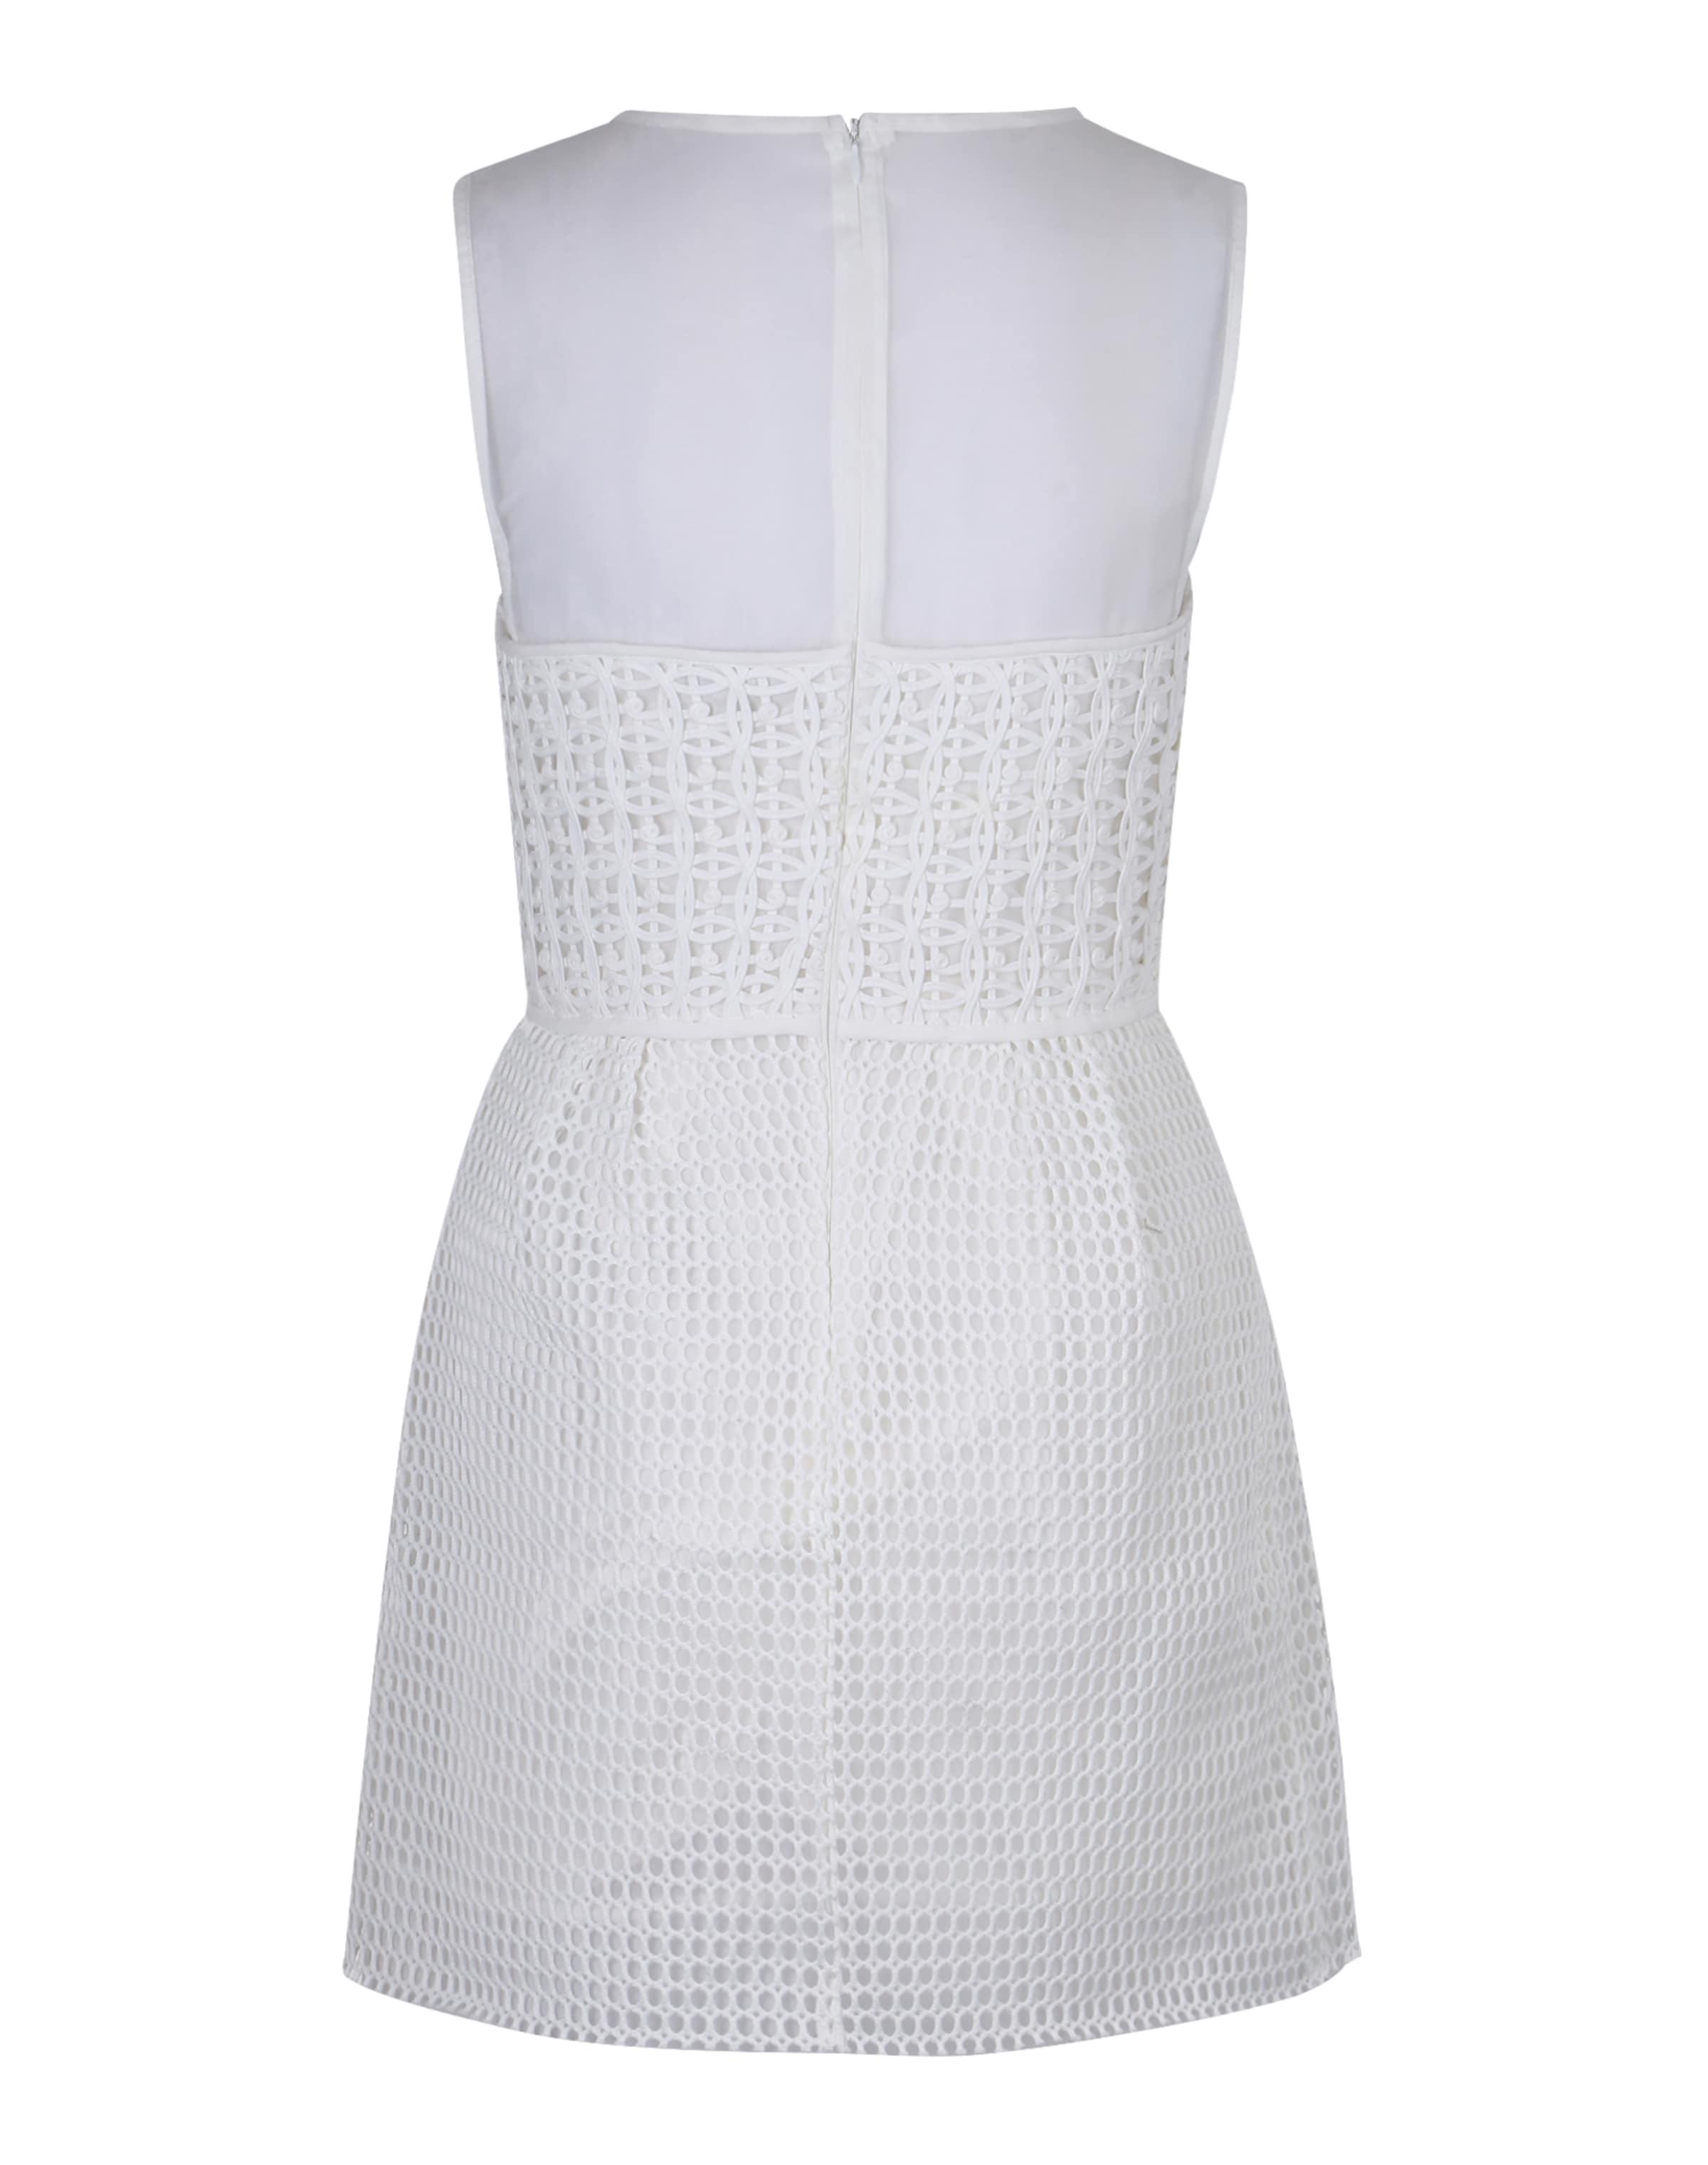 MEXX Kleid mit Borten und transparentem Top Billig Verkauf Finden Große TfOrU